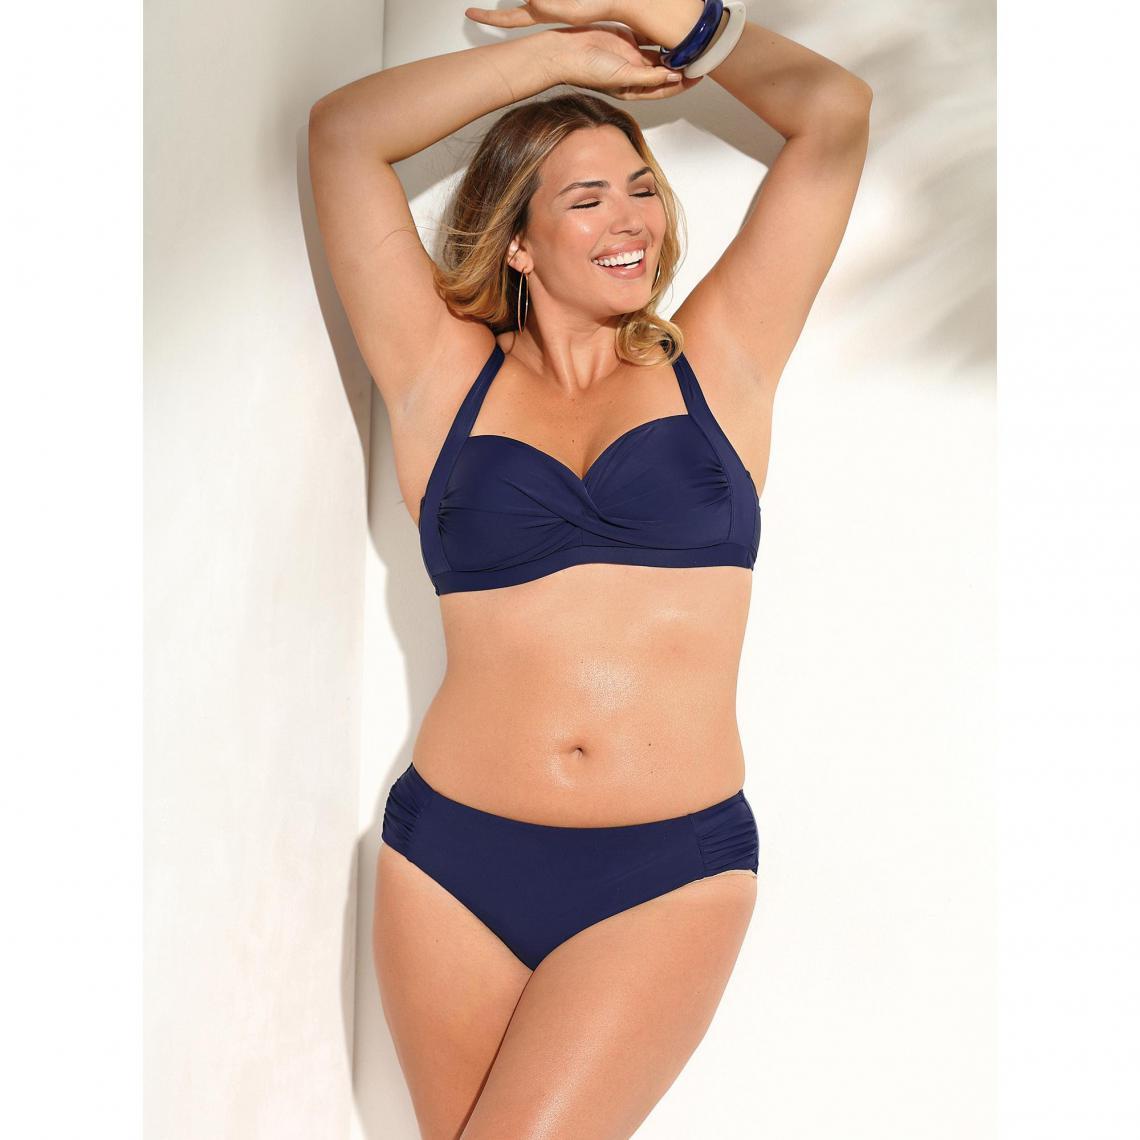 823ecc25b8e51 Bikini uni bandeau et culotte taille haute femme Exclusivité 3SUISSES -  Bleu Encre 3 SUISSES Femme